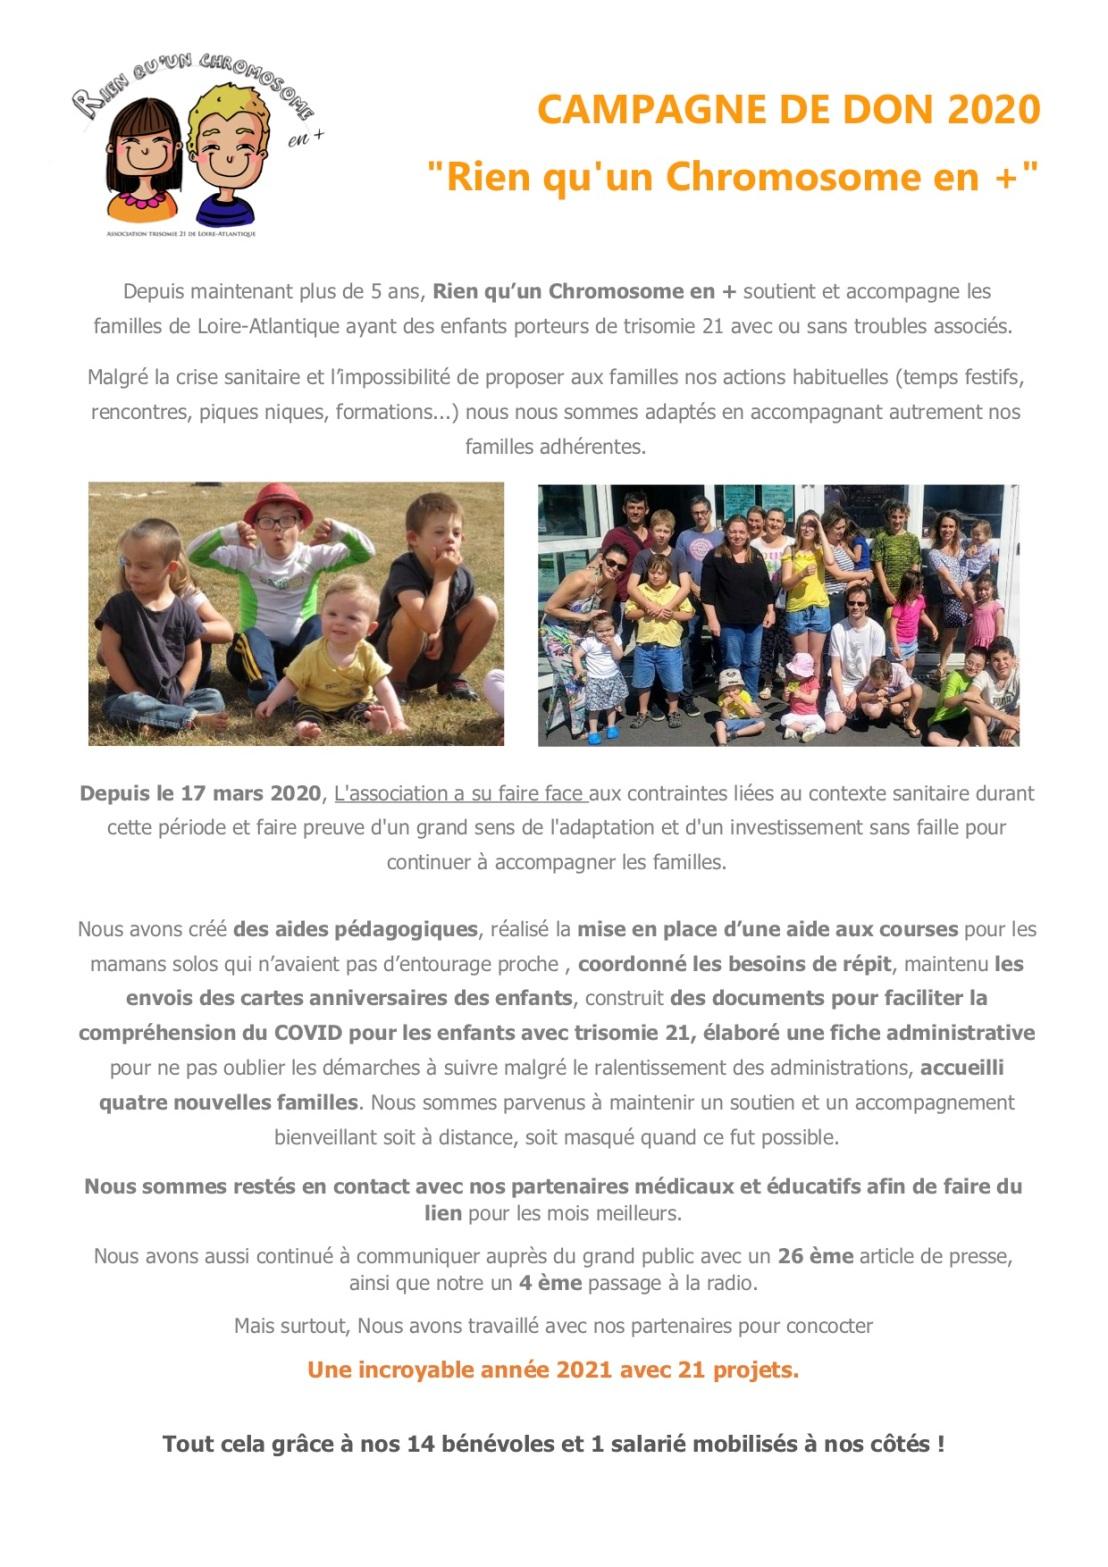 campagne de don 2020